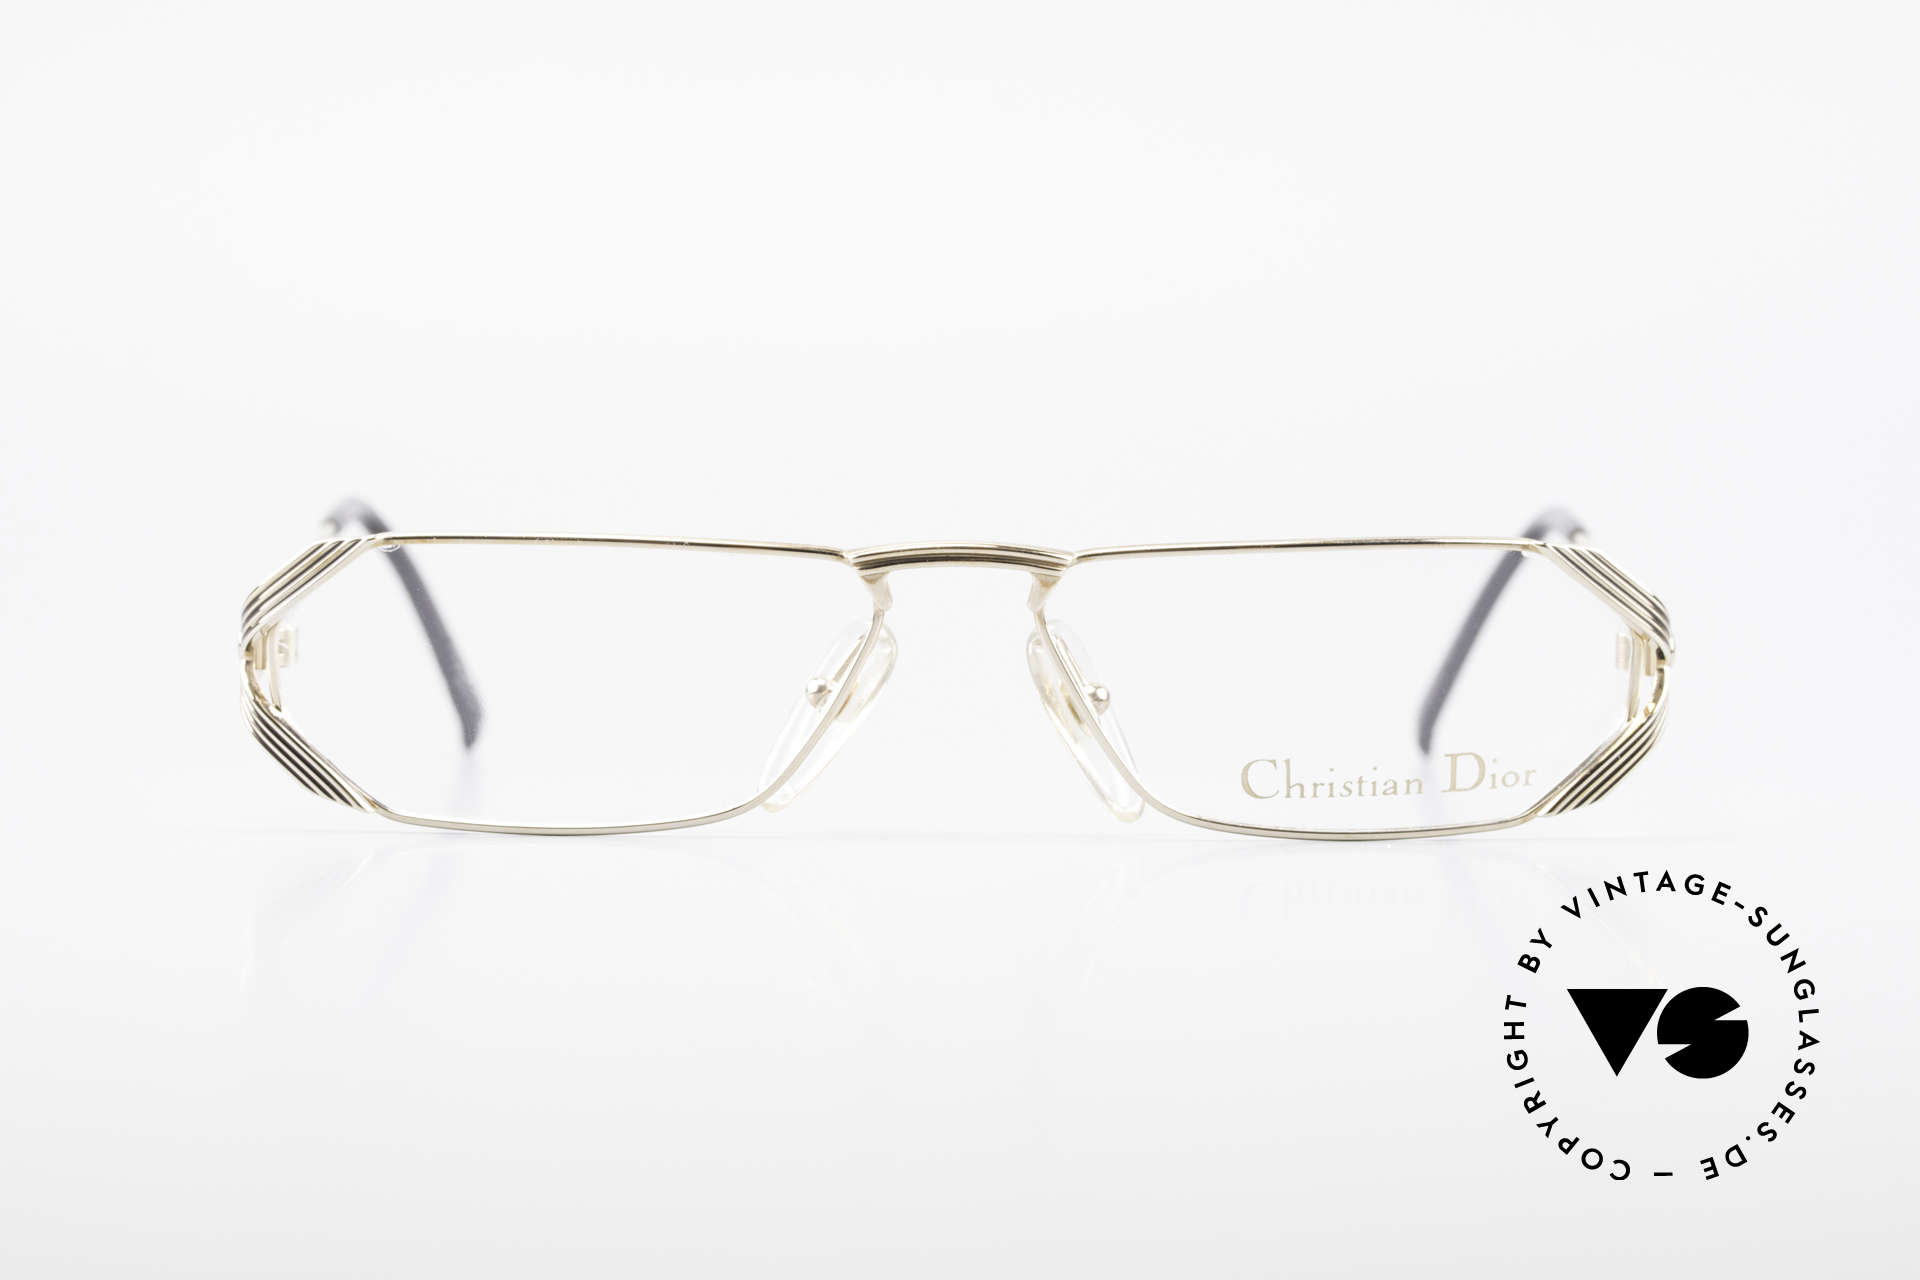 Christian Dior 2617 Rare Vintage Lesebrille 90er, markantes Design & elegante Farbgestaltung, Passend für Herren